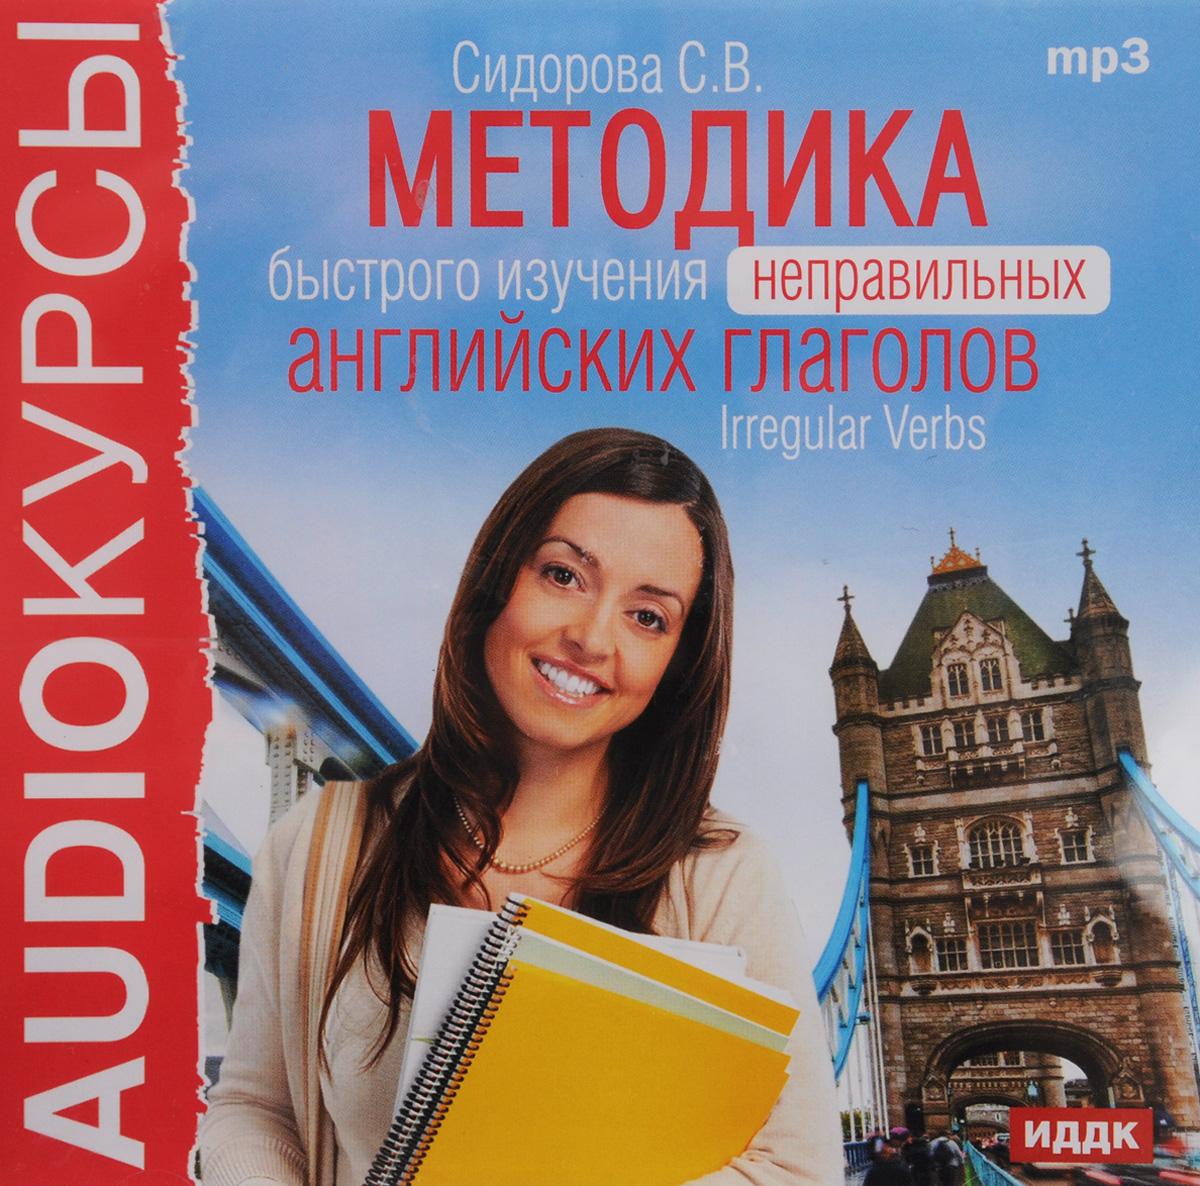 Методика быстрого изучения неправильных английских глаголов (аудиокнига MP3) методика быстрого изучения неправильных английских глаголов аудиокнига mp3